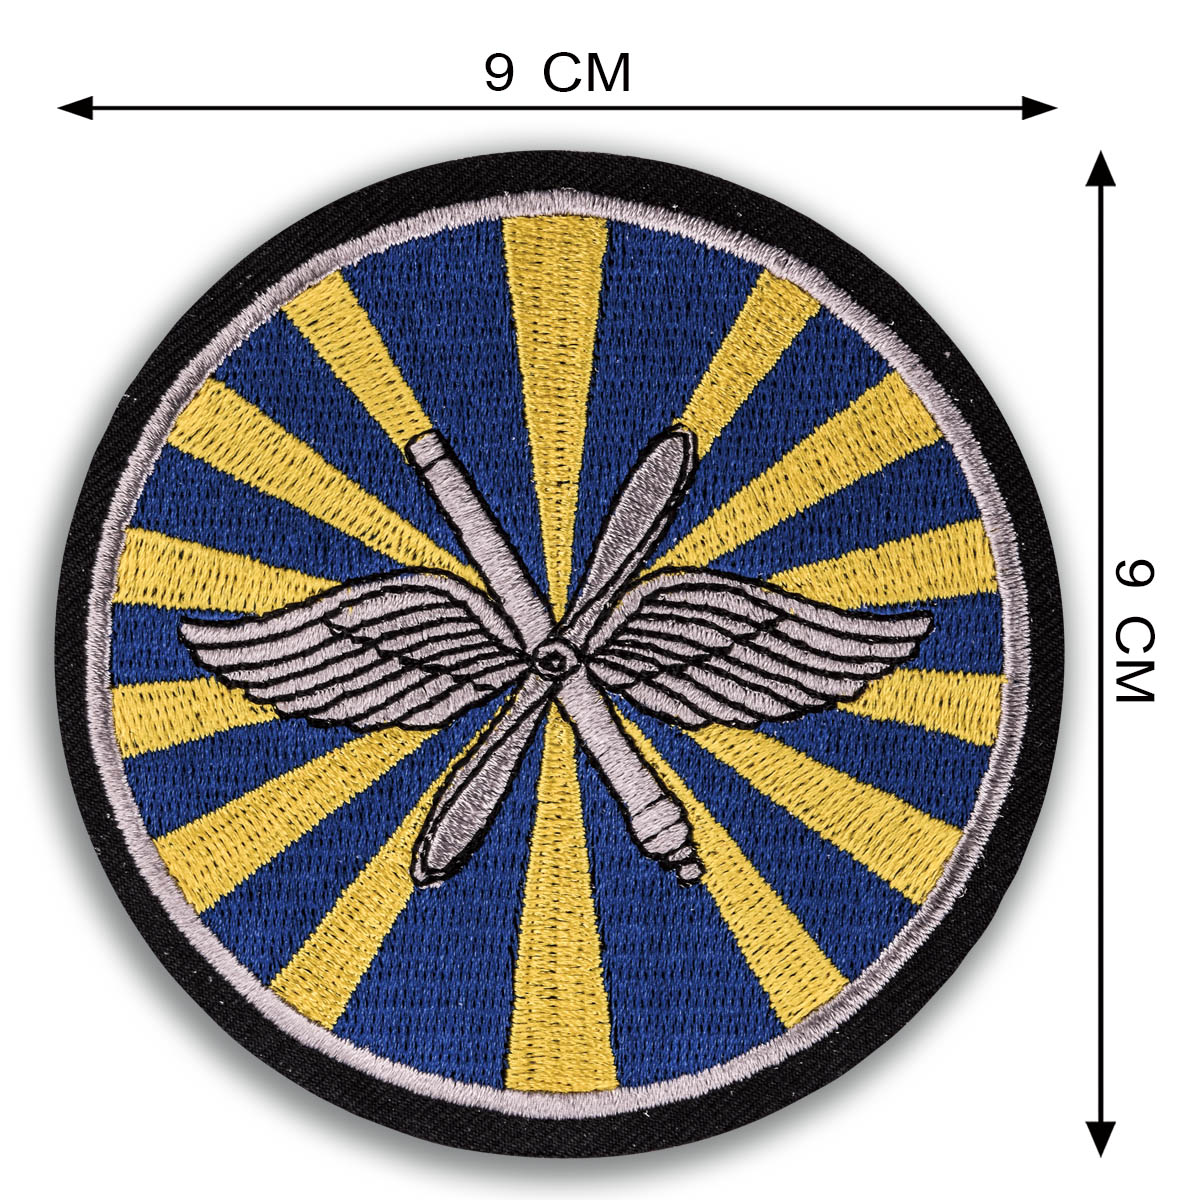 Классическая мужская толстовка с эмблемой ВВС России.